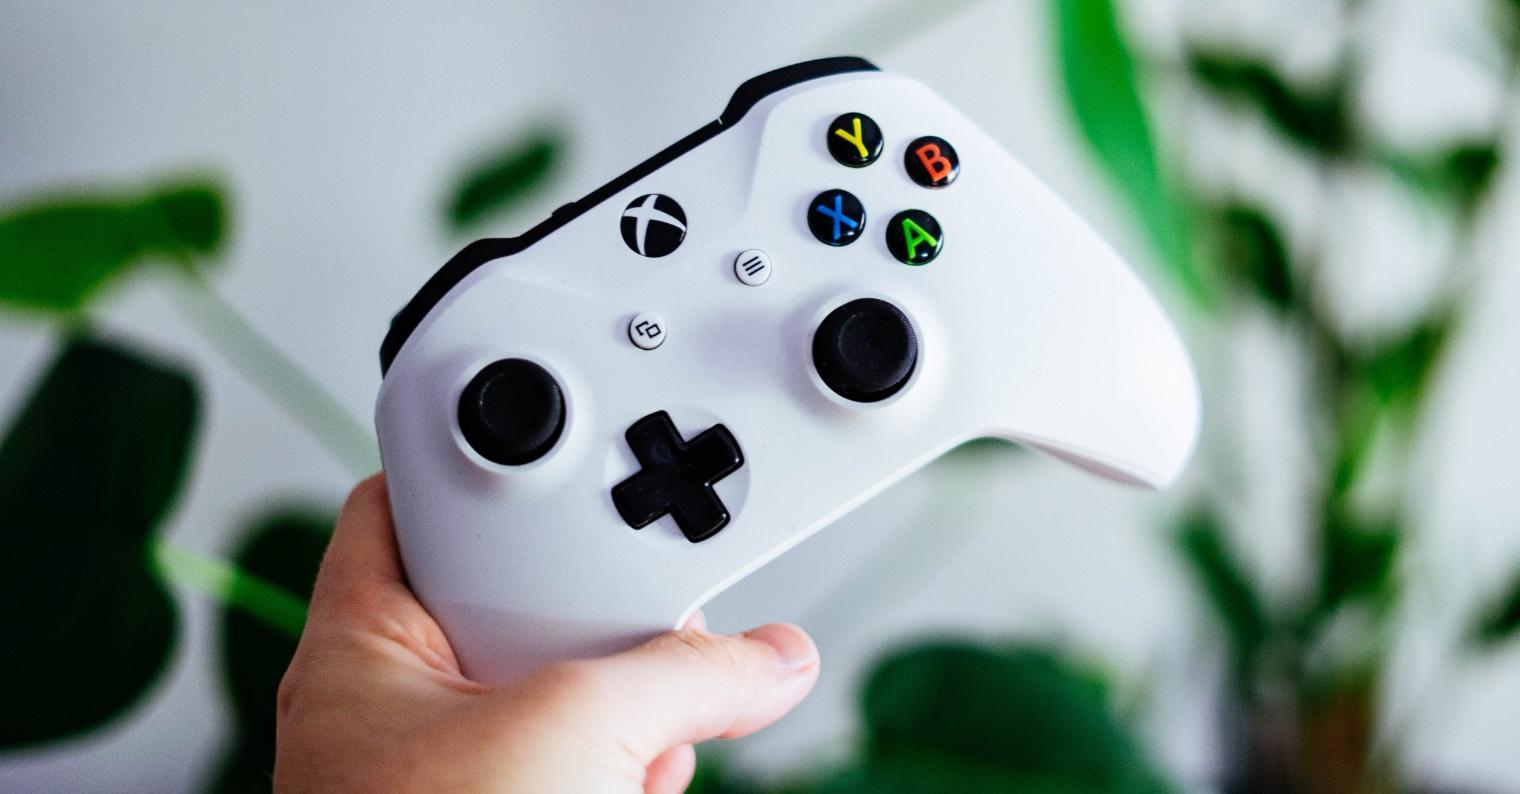 1520_794_Xbox controller